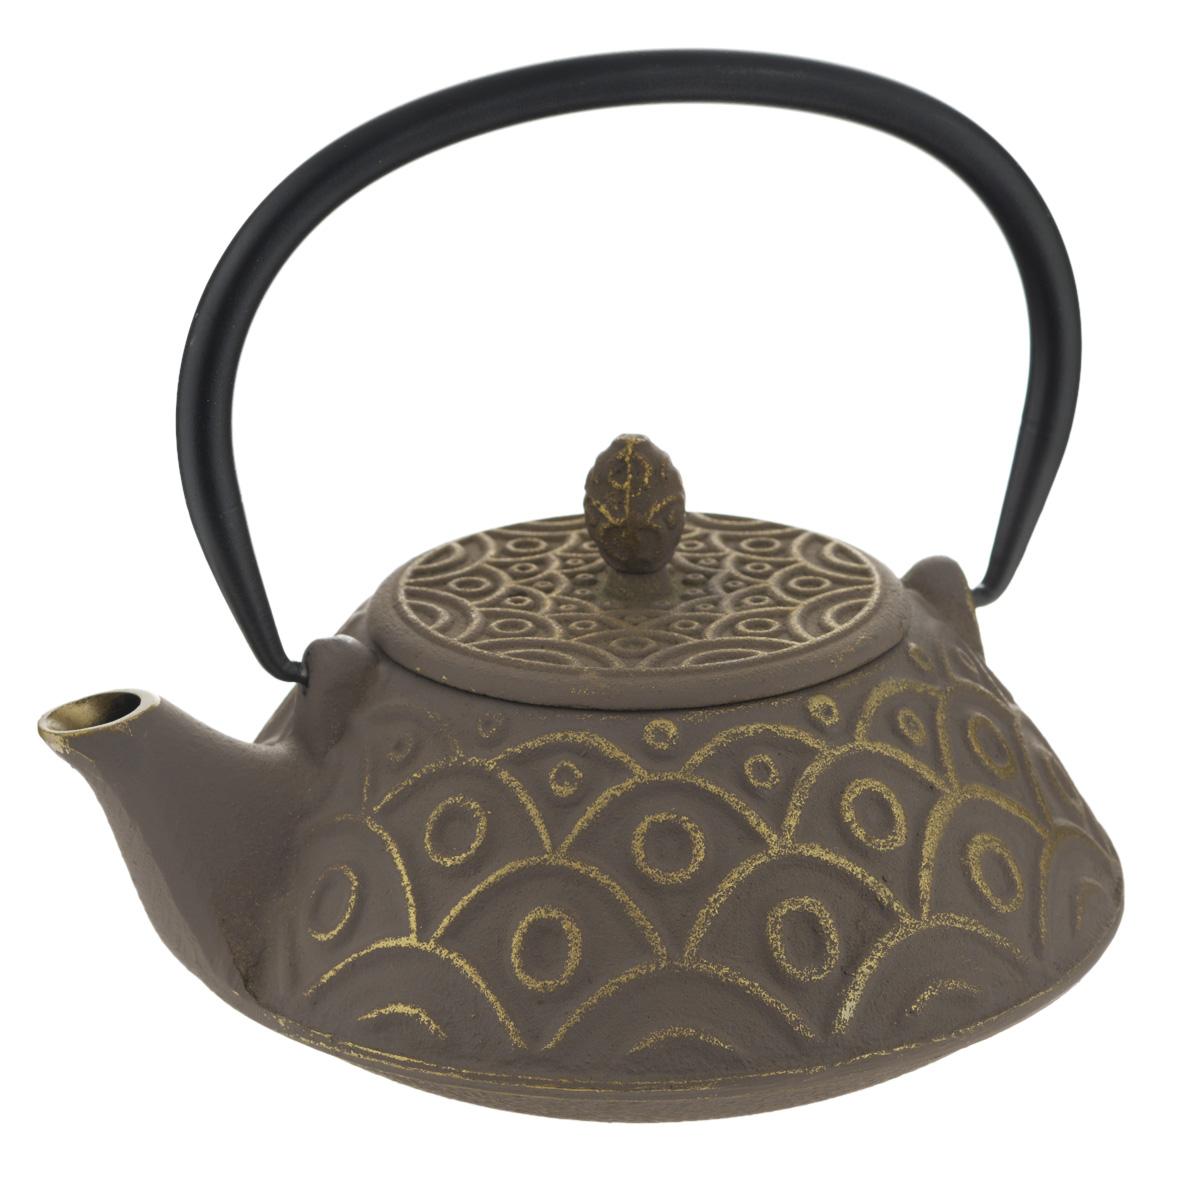 Чайник заварочный Mayer & Boch, 750 мл. 2369823698Чайник заварочный Mayer & Boch изготовлен из чугуна - экологически чистого материала, который не тускнеет и не деформируется. Он долговечен и устойчив к воздействию высоких температур. Главное достоинство чугунного чайника - способность длительно сохранять тепло, чай в таком чайнике сохраняет свой вкус и свежий аромат долгое время. Внутренняя колба чайника выполнена из нержавеющей стали. Изделие оснащено удобной ручкой. Классический стиль, приятная цветовая гамма и оптимальный объем делают чайник удобным и оригинальным аксессуаром, который прекрасно подойдет как для ежедневного использования, так и для специальной чайной церемонии. Чайник нельзя мыть в посудомоечной машине. Диаметр по верхнему краю: 8 см. Высота (без учета крышки): 8,5 см. Диаметр дна: 6,5 см.